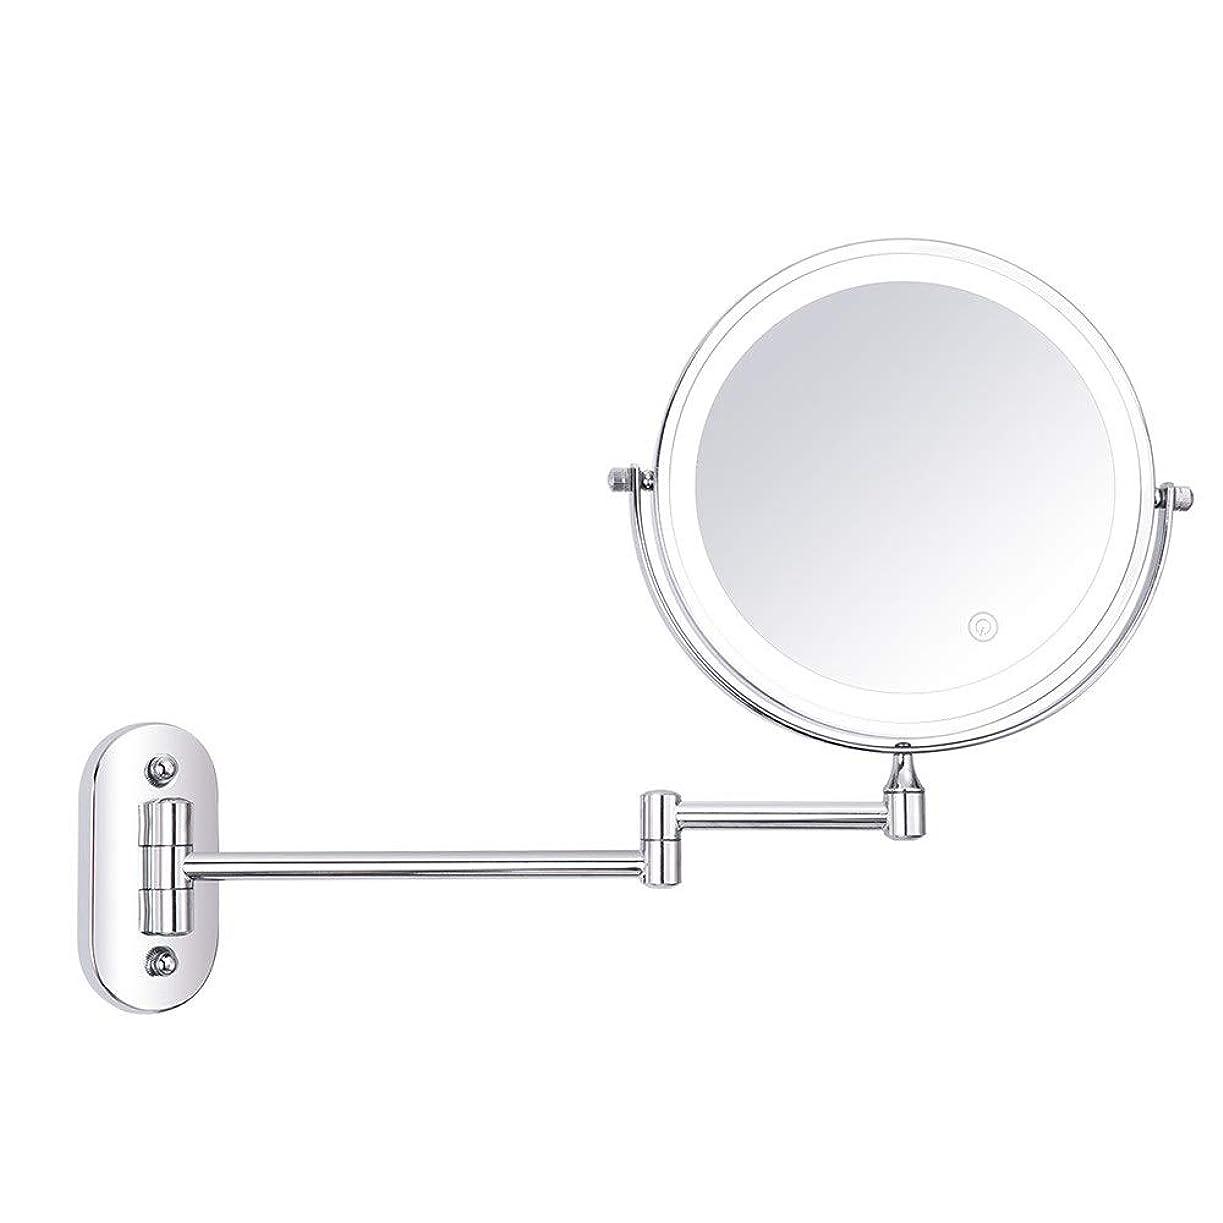 エネルギー主張富化粧鏡 LED照明壁掛け化粧鏡3倍/ 5倍/ 7倍/ 10倍倍率8インチ両面回転タッチスクリーンバニティミラー拡張可能 浴室のシャワー旅行 (色 : 銀, サイズ : 5X)